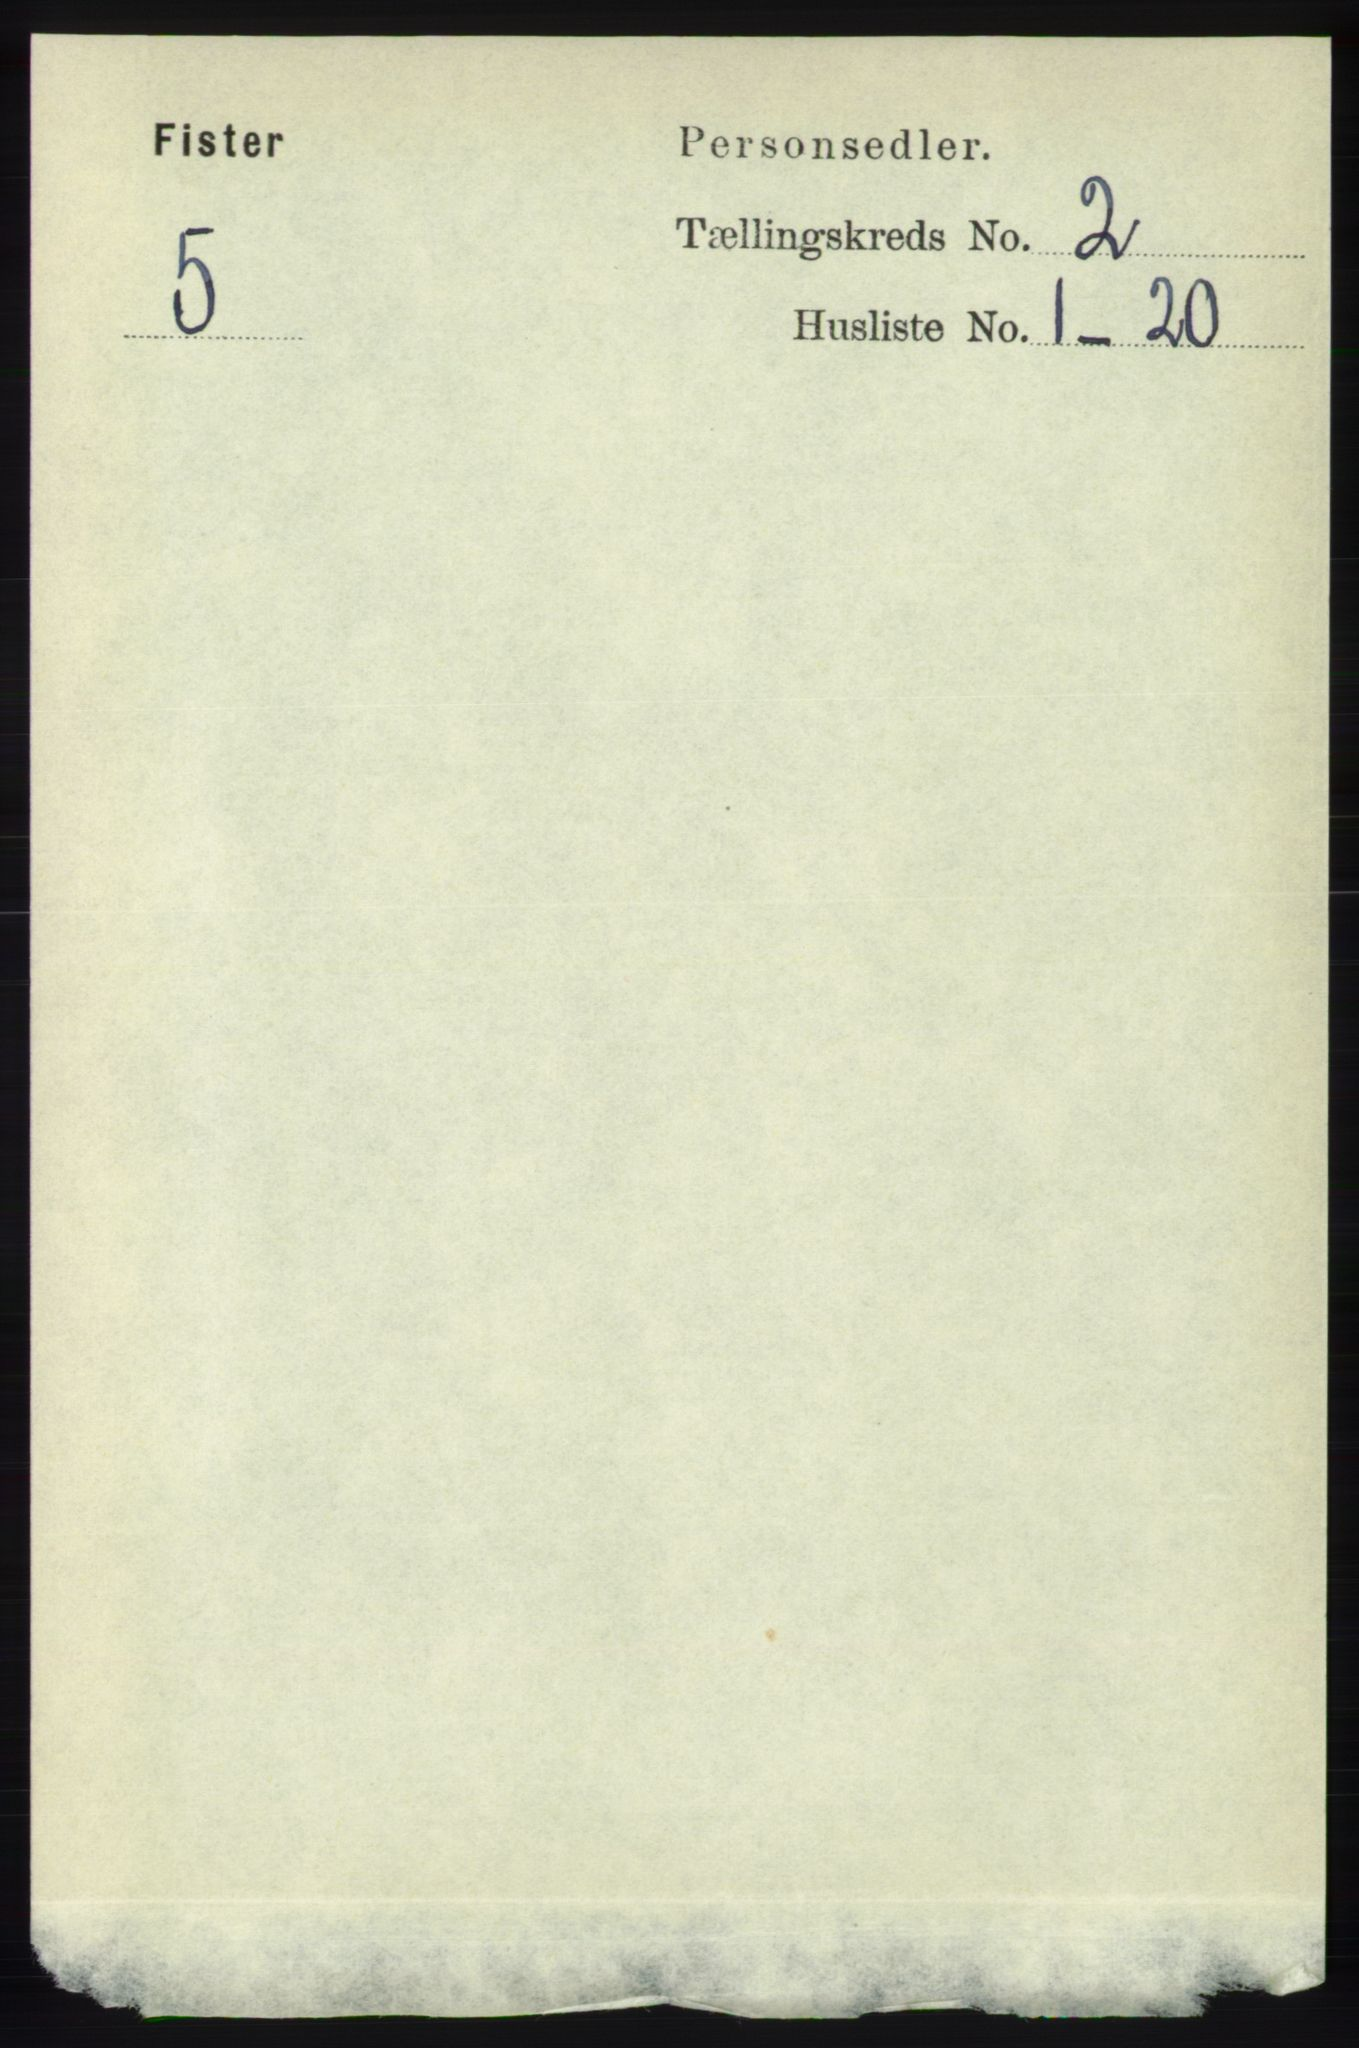 RA, Folketelling 1891 for 1132 Fister herred, 1891, s. 354